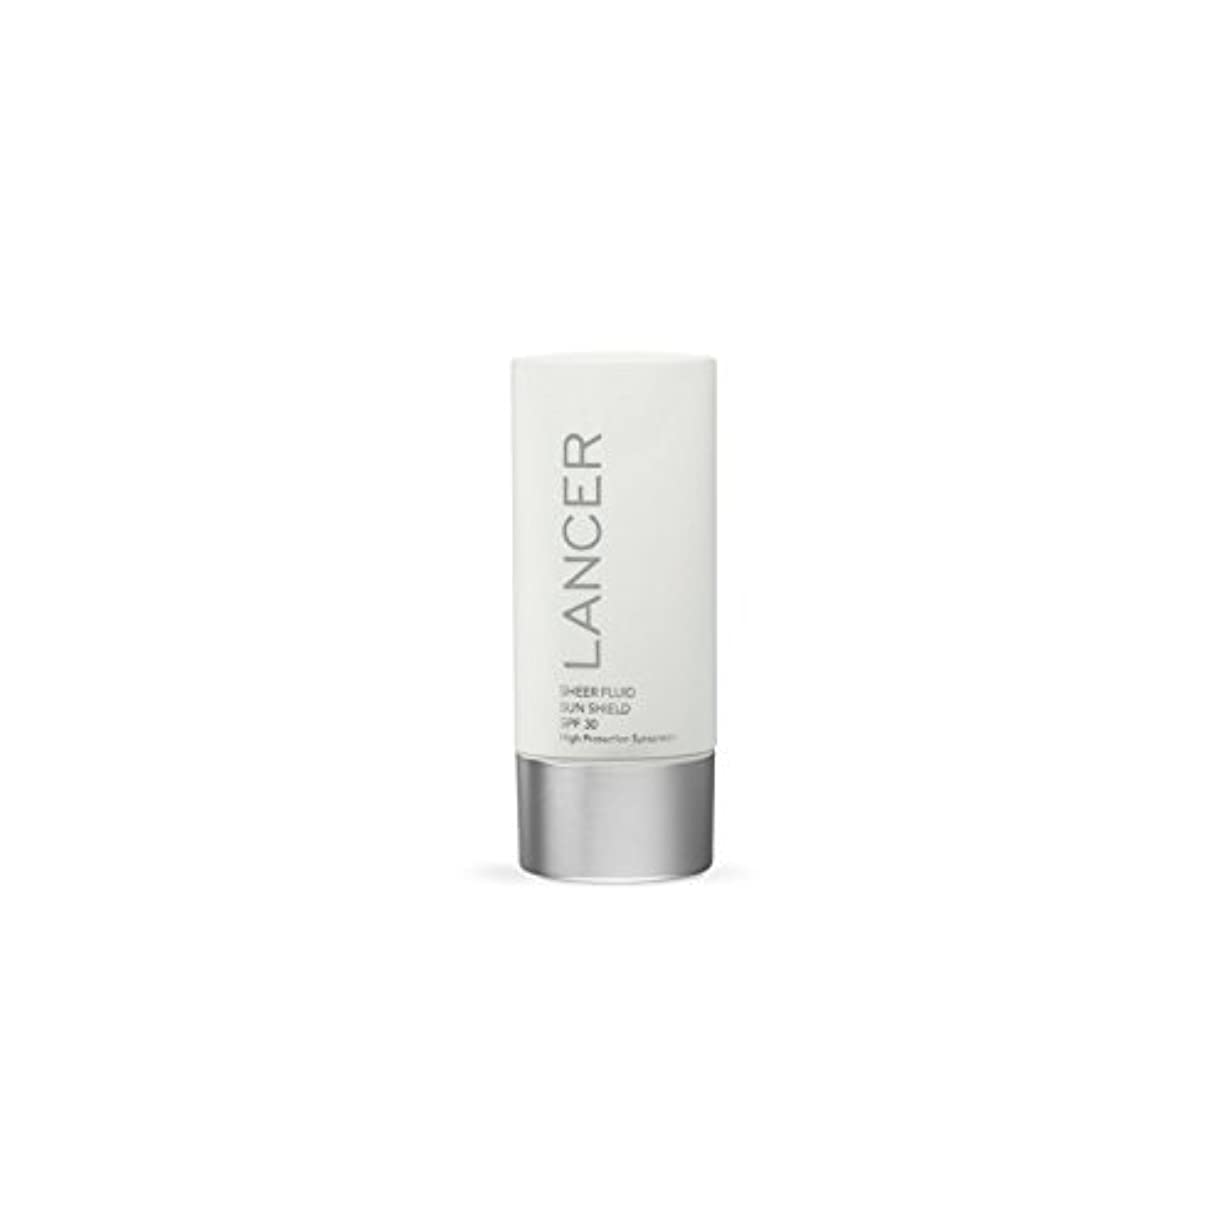 キリン改修する覚醒Lancer Skincare Sheer Fluid Sun Shield Spf 30 (60ml) (Pack of 6) - ランサースキンケア切り立った流体サンシールド 30(60ミリリットル) x6 [並行輸入品]